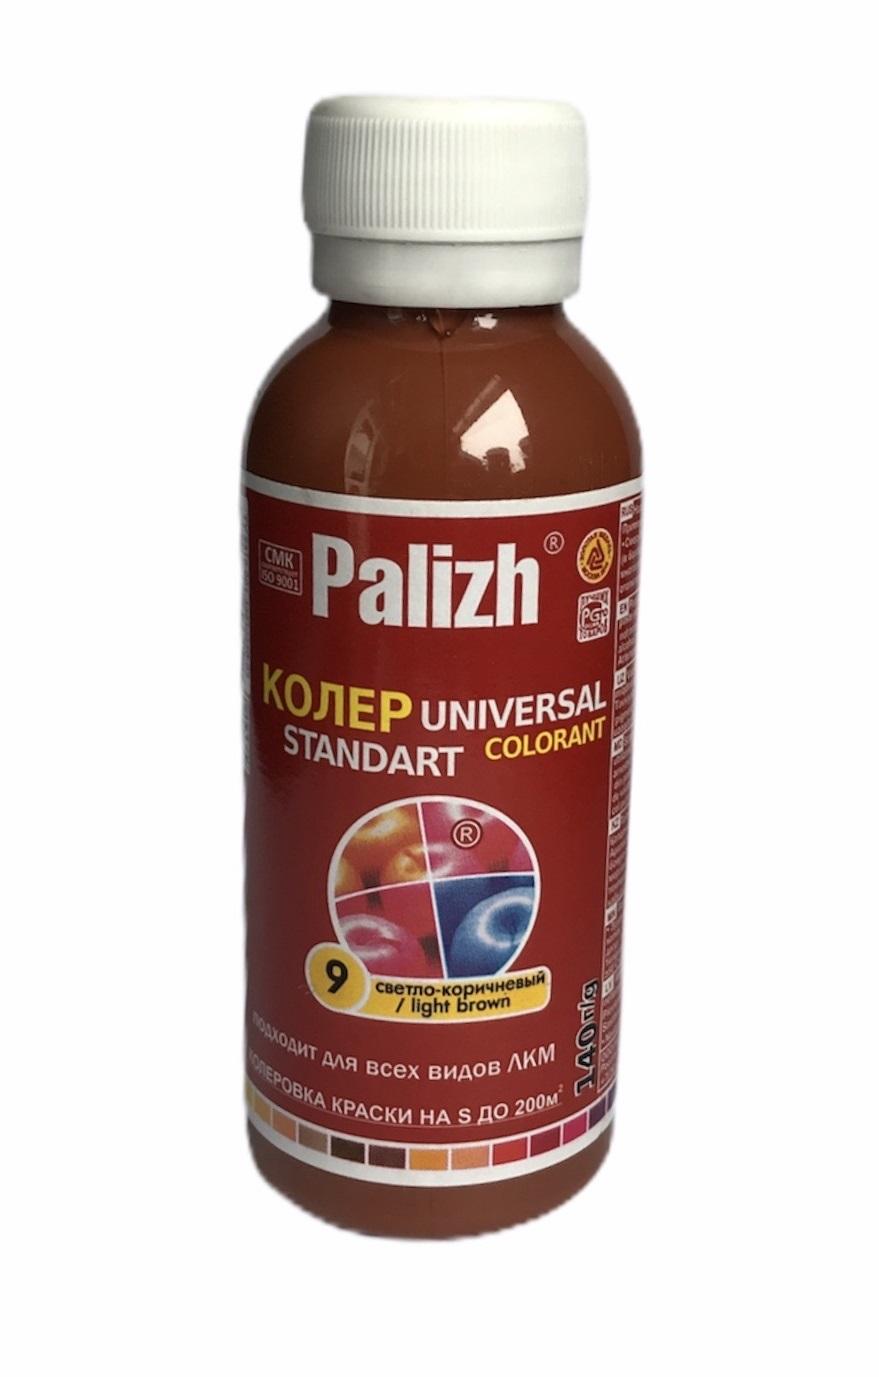 Колер универсальный Palizh №09 светло-корич. 100мл - фото